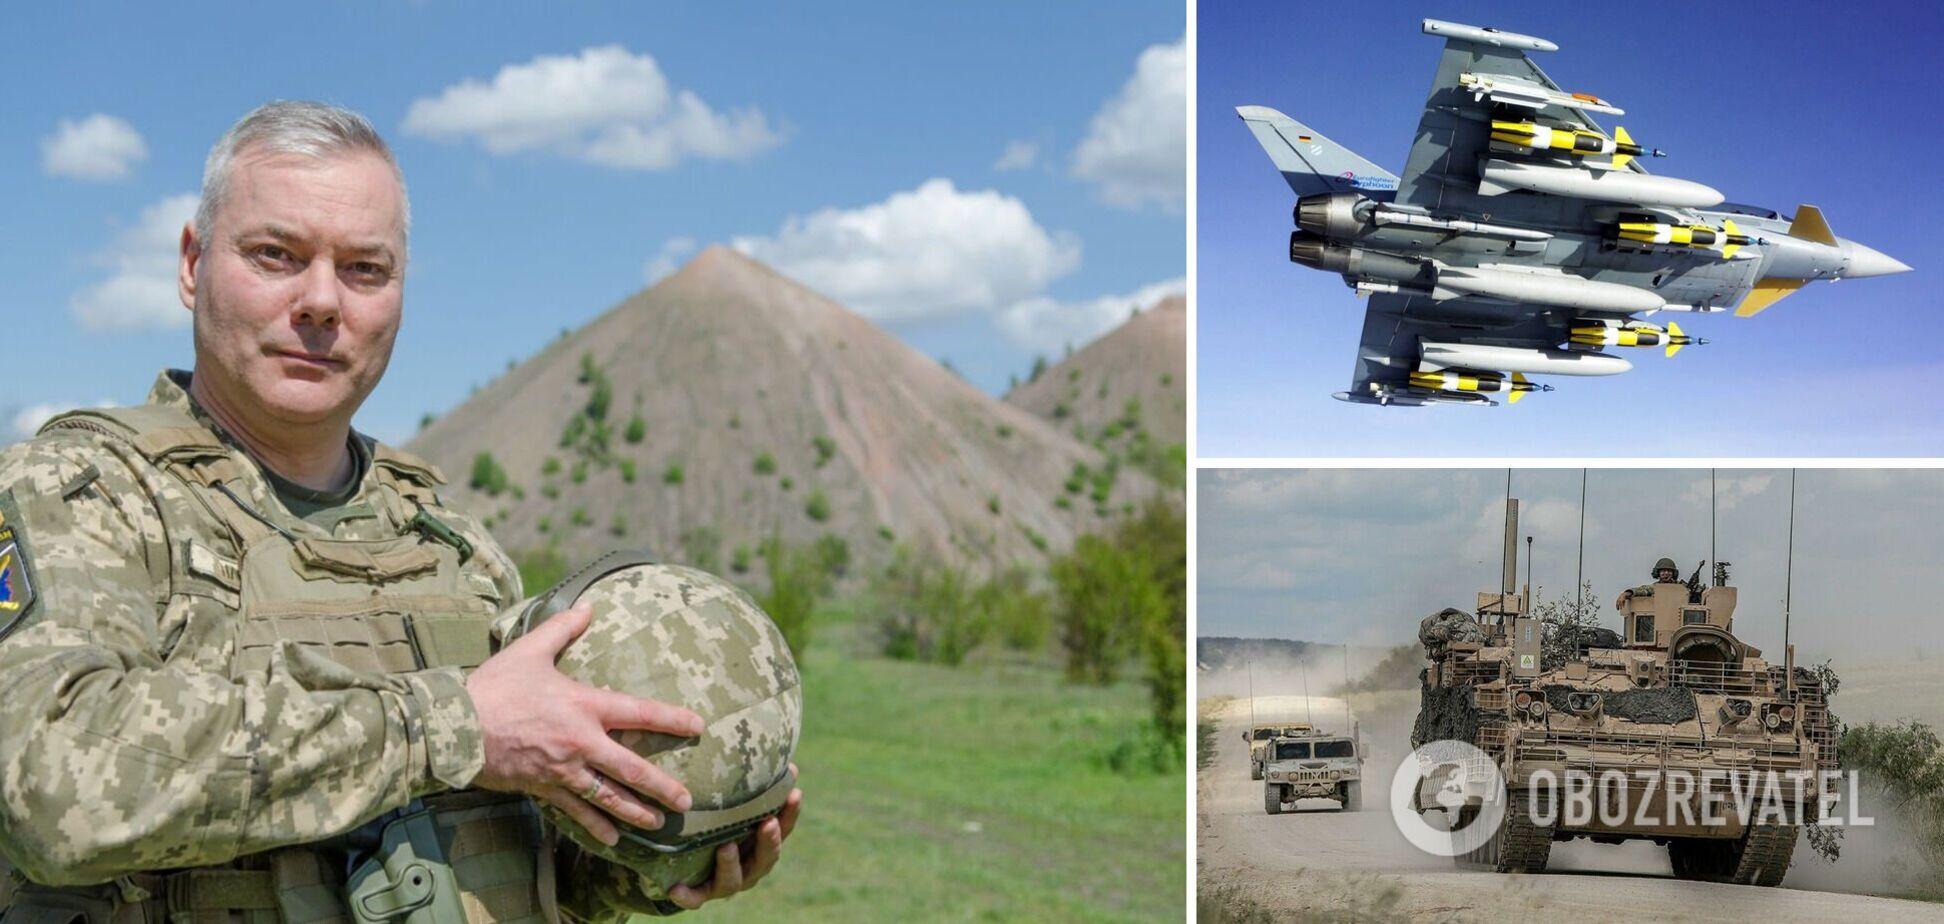 Наєв розповів, яке озброєння отримали ЗСУ і на яку допомогу від партнерів розраховує Україна